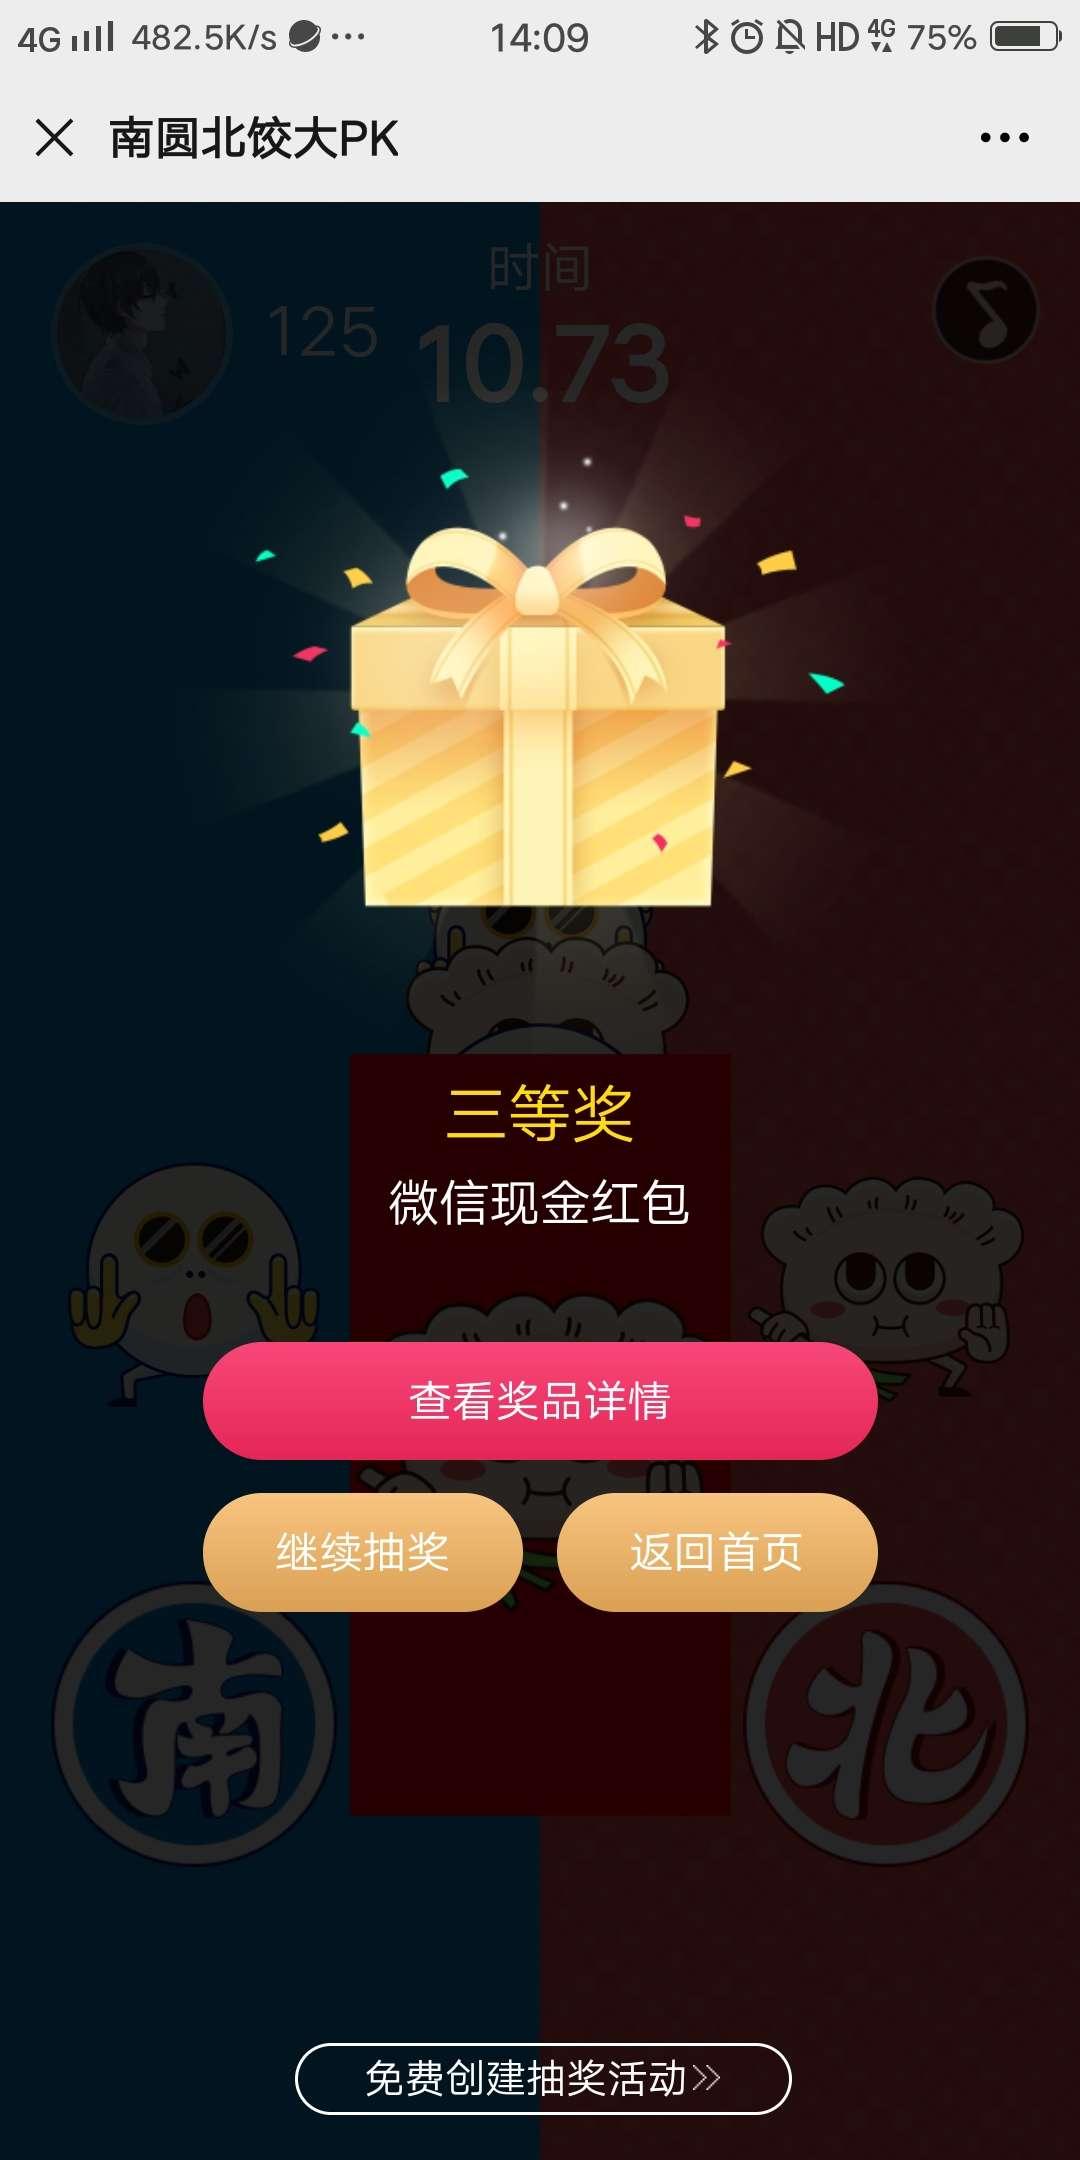 玩南园北饺游戏抽红包插图3